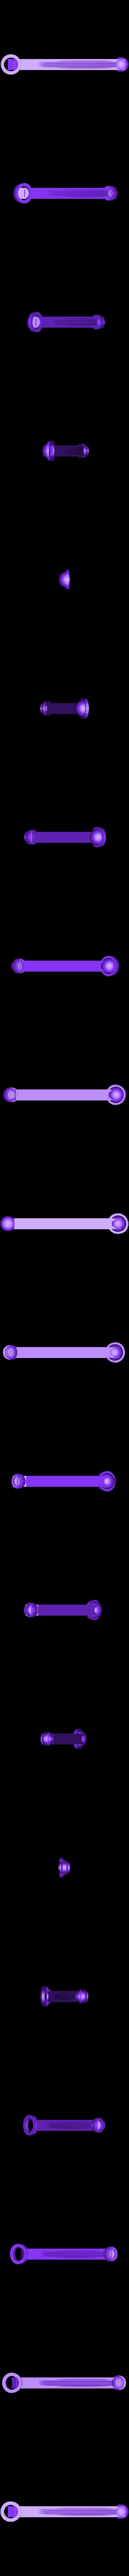 leg2.STL Télécharger fichier STL gratuit les images de l'écran déroulant (écran vert) • Objet pour imprimante 3D, Fayeya